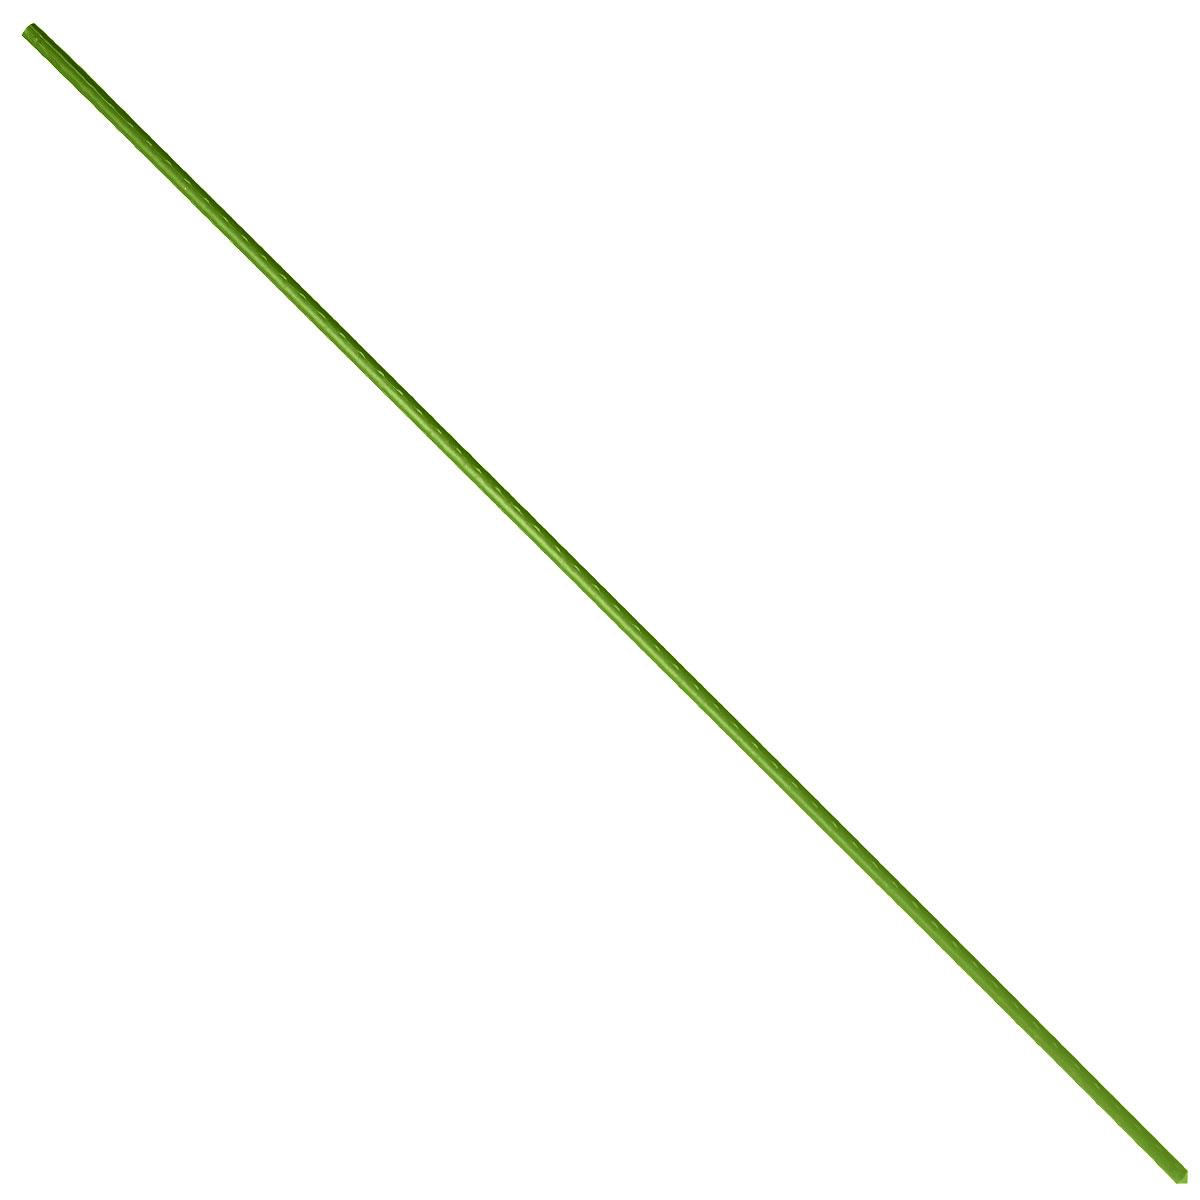 Опора для растений Green Apple, цвет: зеленый, диаметр 0,8 см, длина 90 см, 5 шт531-106Опора для растений Green Apple выполнена из высококачественного металла, покрытого цветным пластиком. В наборе 5 опор, выполненных в виде ствола растения с шипами.Такие опоры широко используются для поддержки декоративных садовых и комнатных растений. Также могут применятся для поддержки вьющихся растений в парниках.Длина опоры: 90 см.Диаметр опоры: 0,8 см.Комплектация: 5 шт.